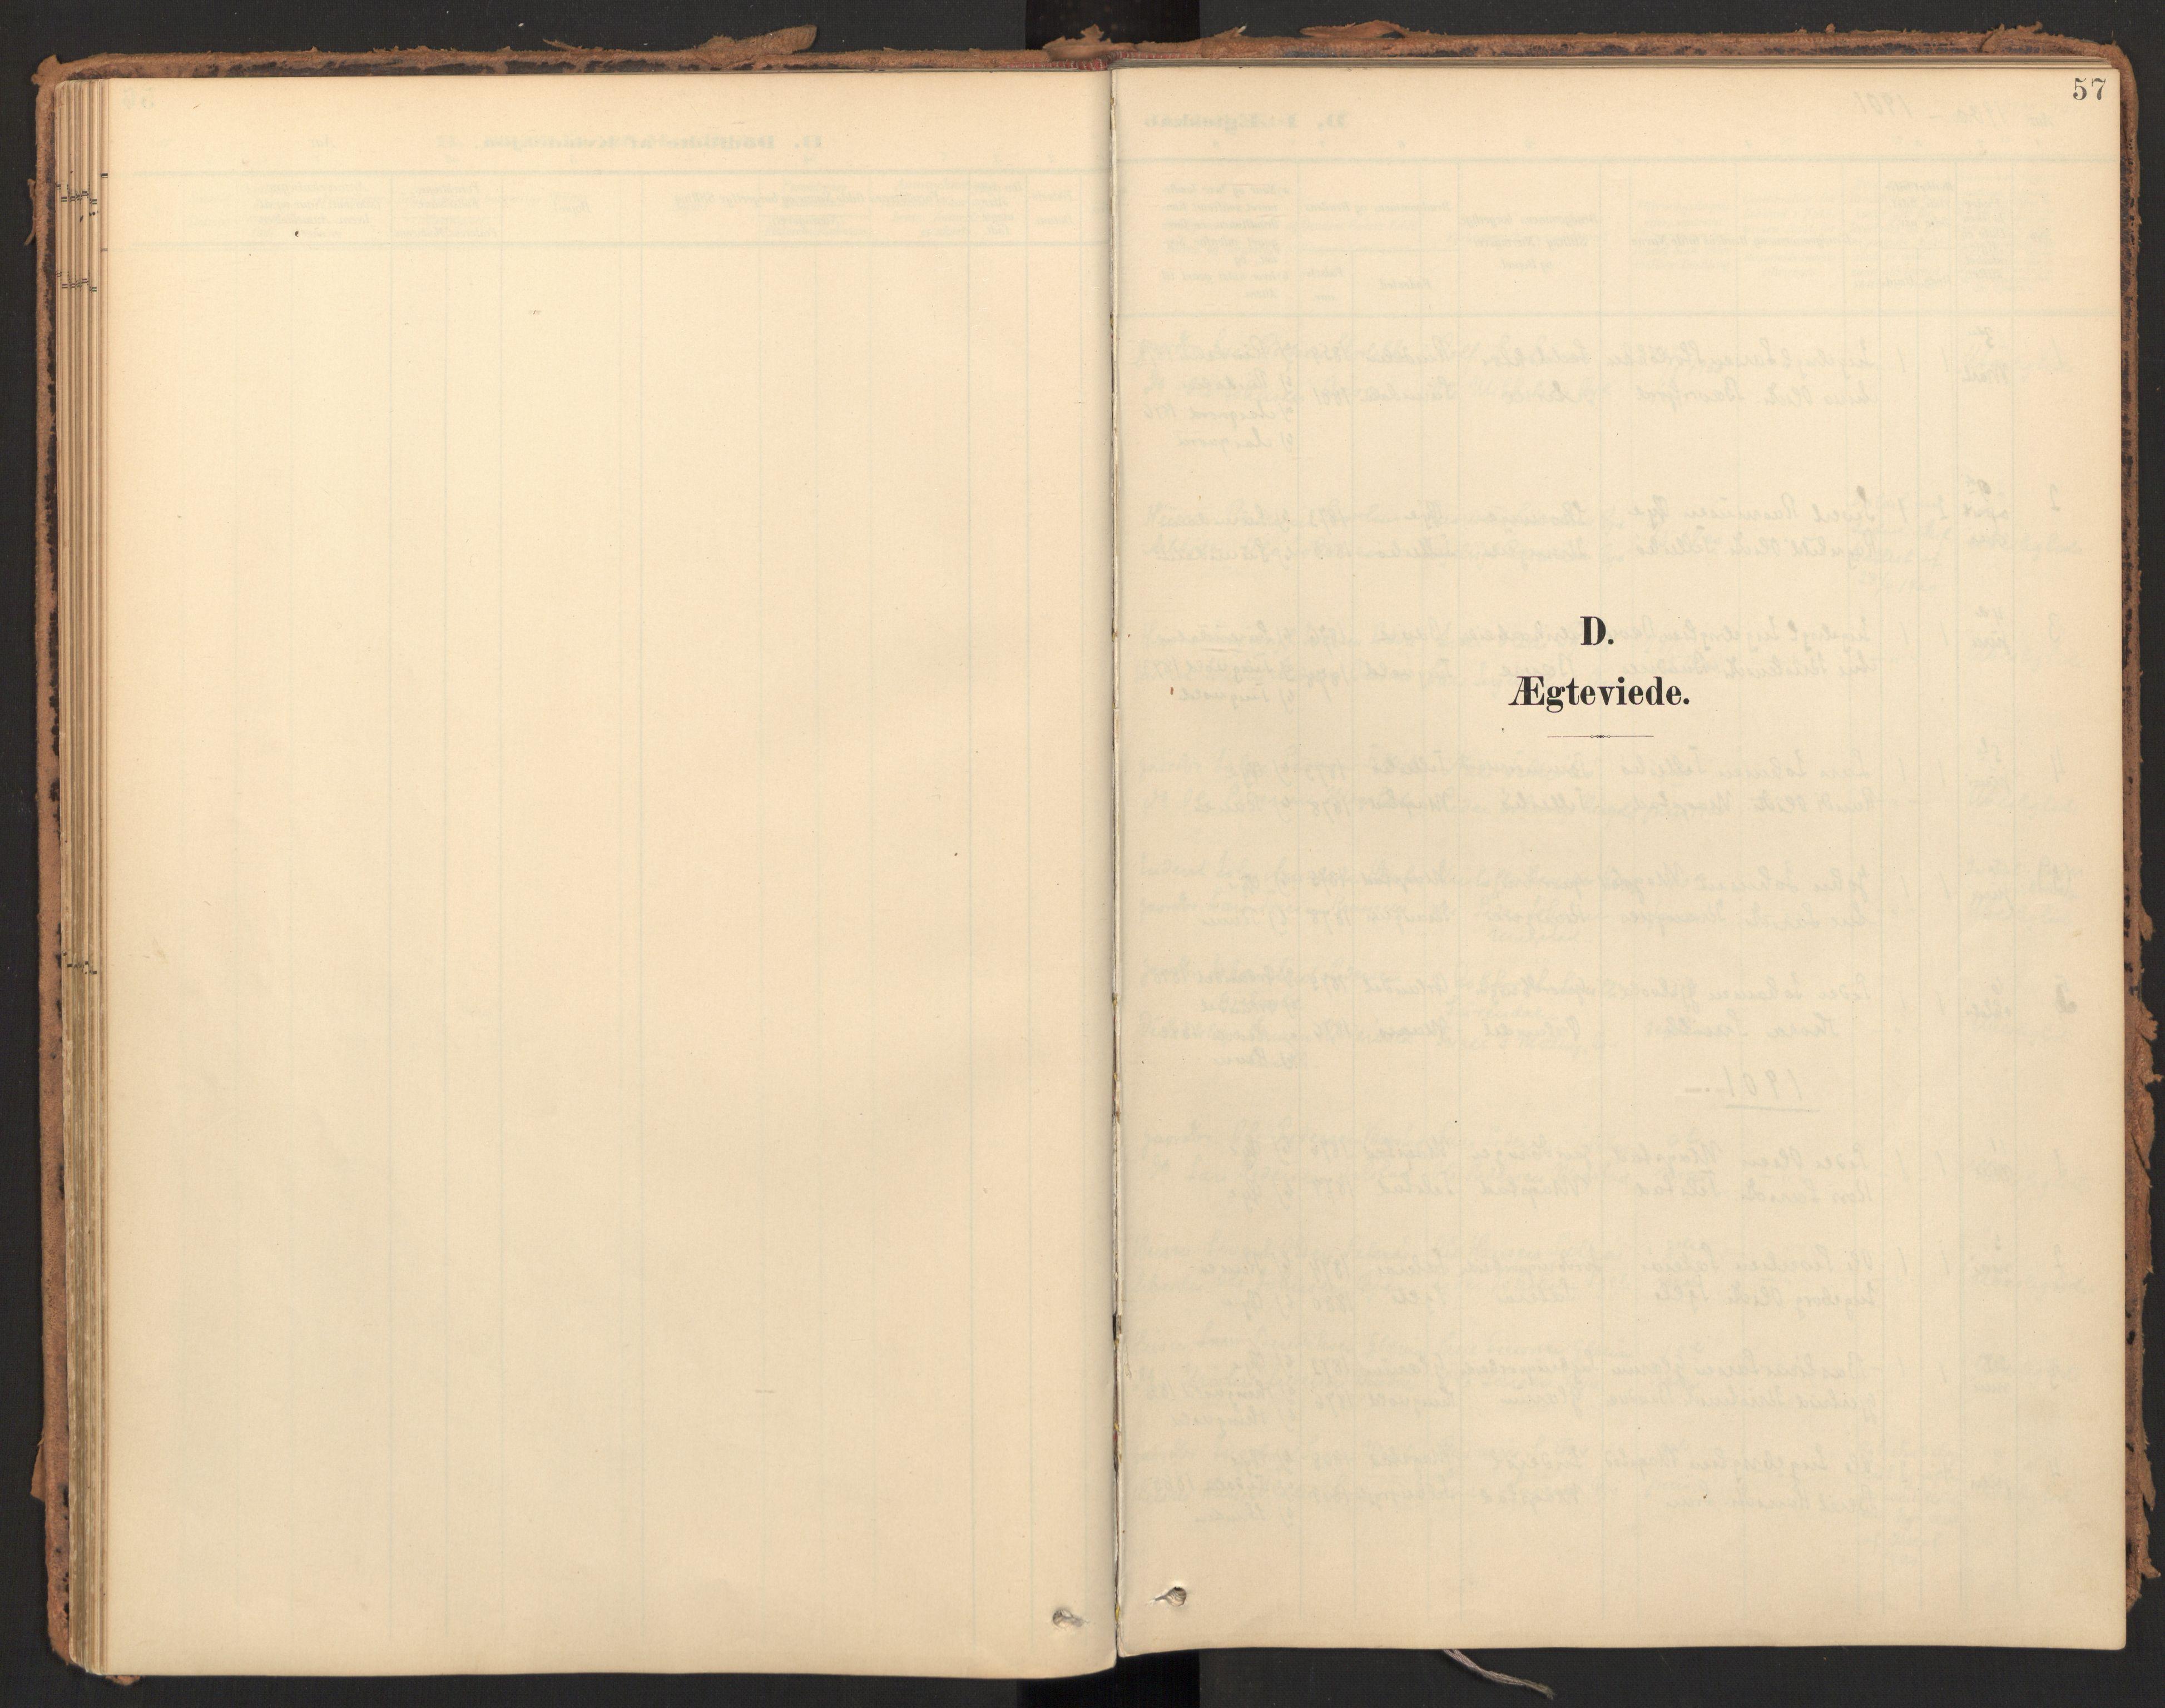 SAT, Ministerialprotokoller, klokkerbøker og fødselsregistre - Møre og Romsdal, 595/L1048: Ministerialbok nr. 595A10, 1900-1917, s. 57